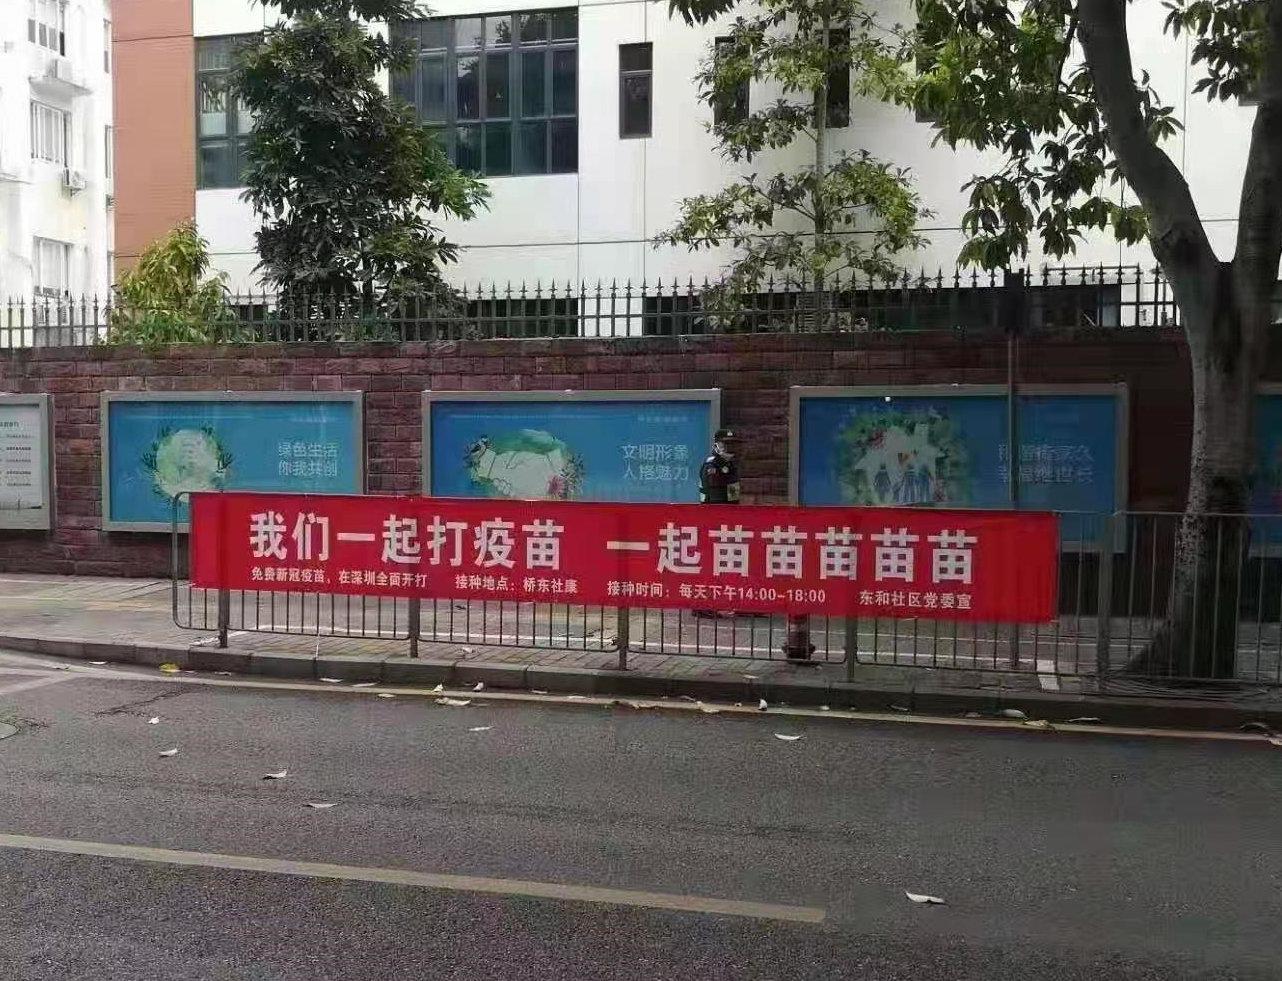 中國接種中共病毒疫苗「運動化」,多地街頭掛出「奇葩」橫幅標語。(微博圖片)